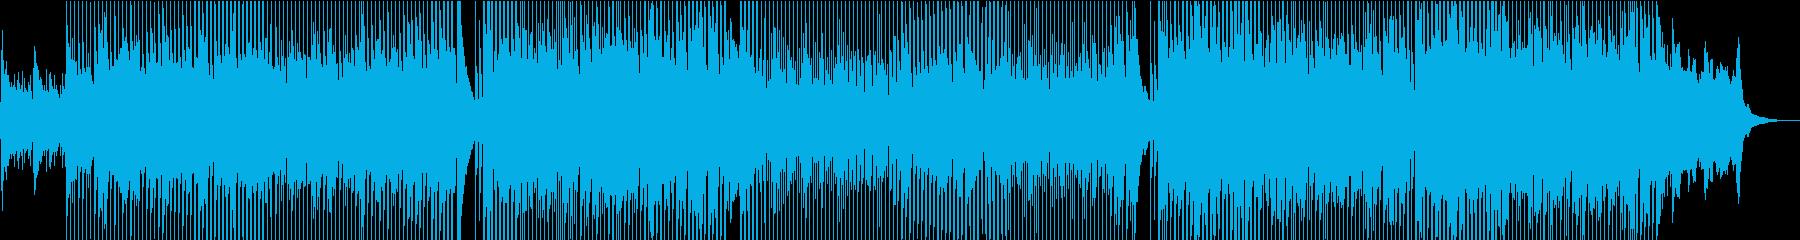 田舎・列車・旅・センチメンタル・アコギの再生済みの波形